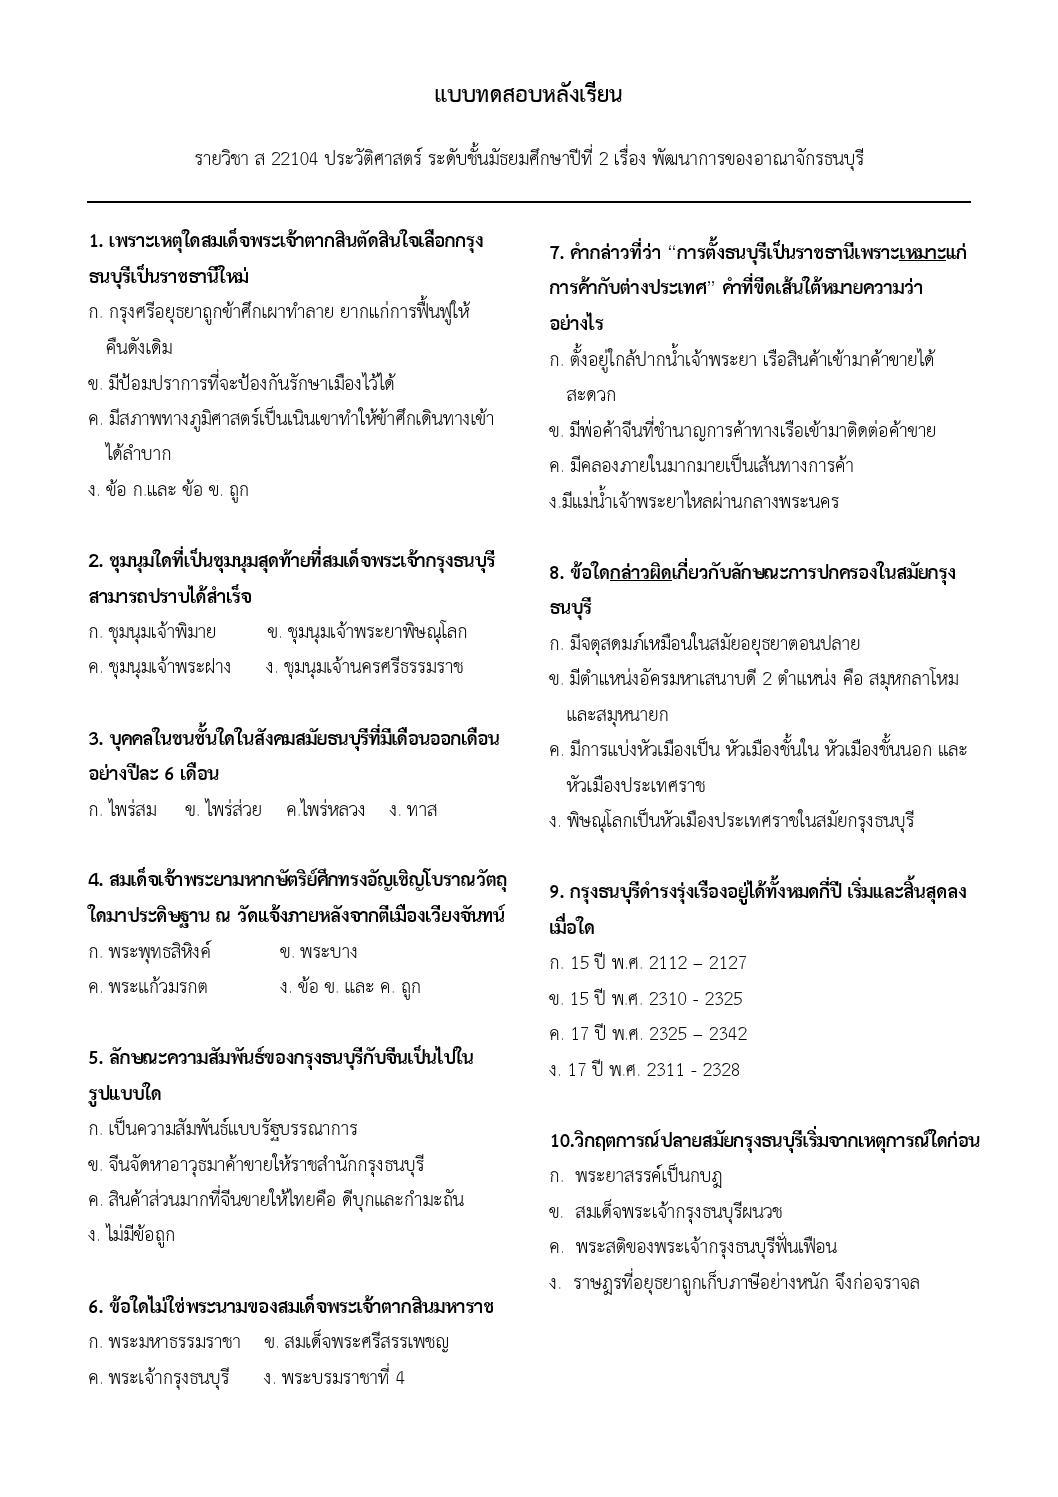 02 แบบทดสอบหลังรียน น ธนบุรี by areerat keawpha - issuu